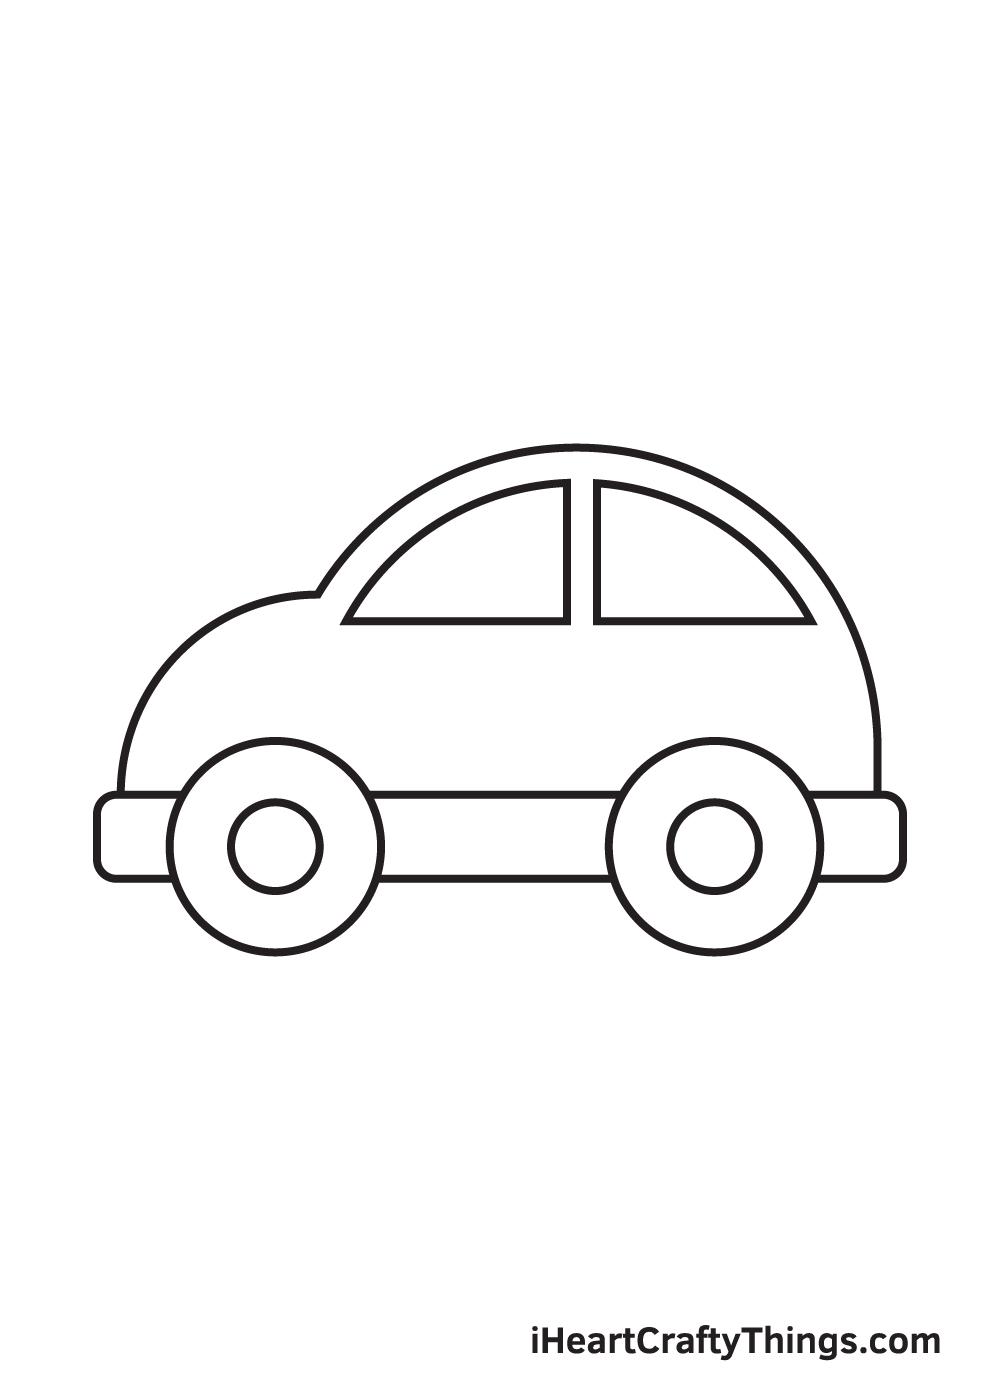 bản vẽ ô tô - bước 6